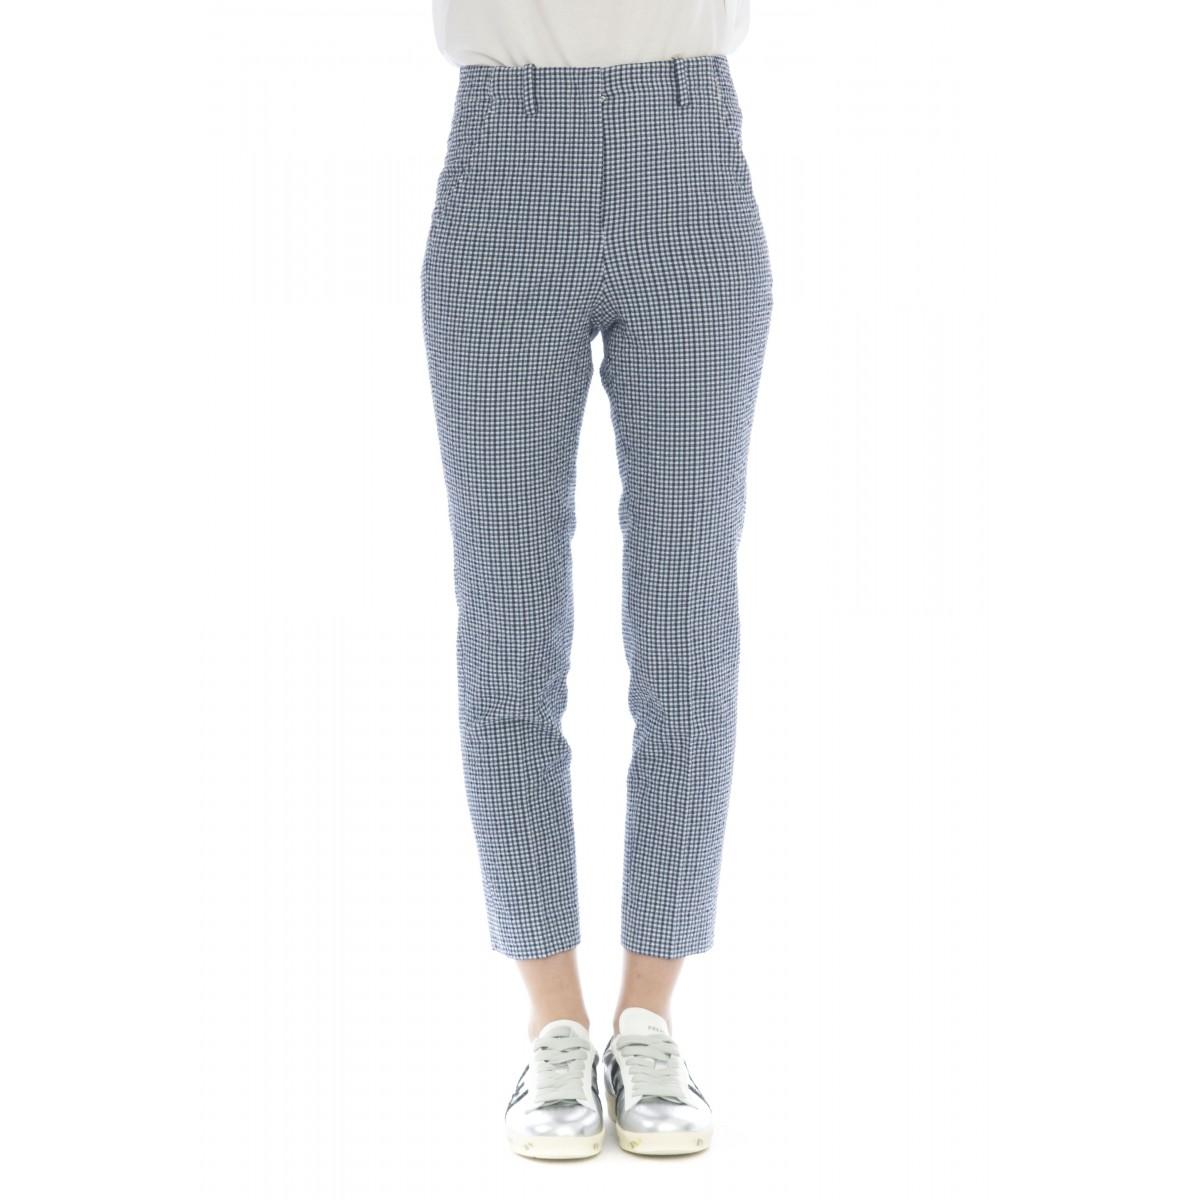 Pantalone donna - 172659 d6255 galene quadretto sirsacher